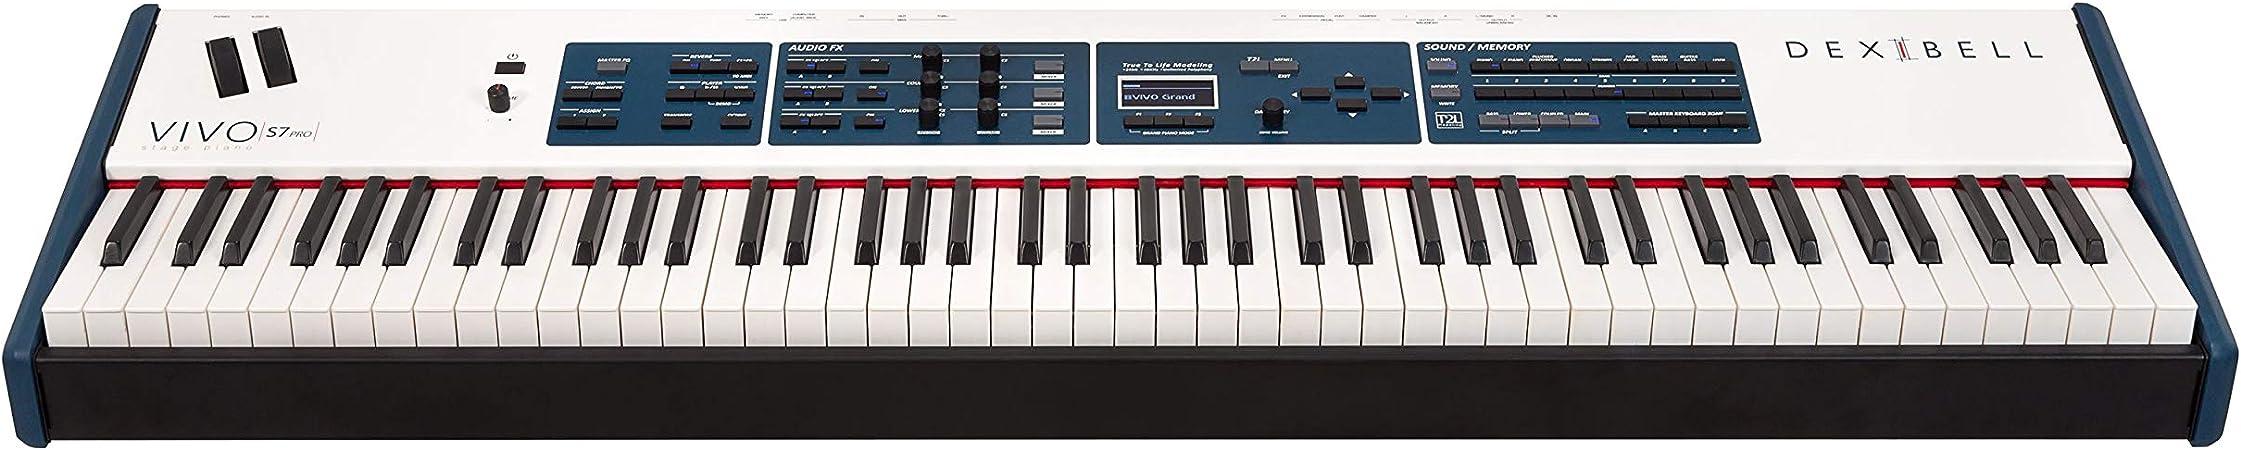 Dexibell Vivo S7 Pro - Piano: Amazon.es: Instrumentos musicales